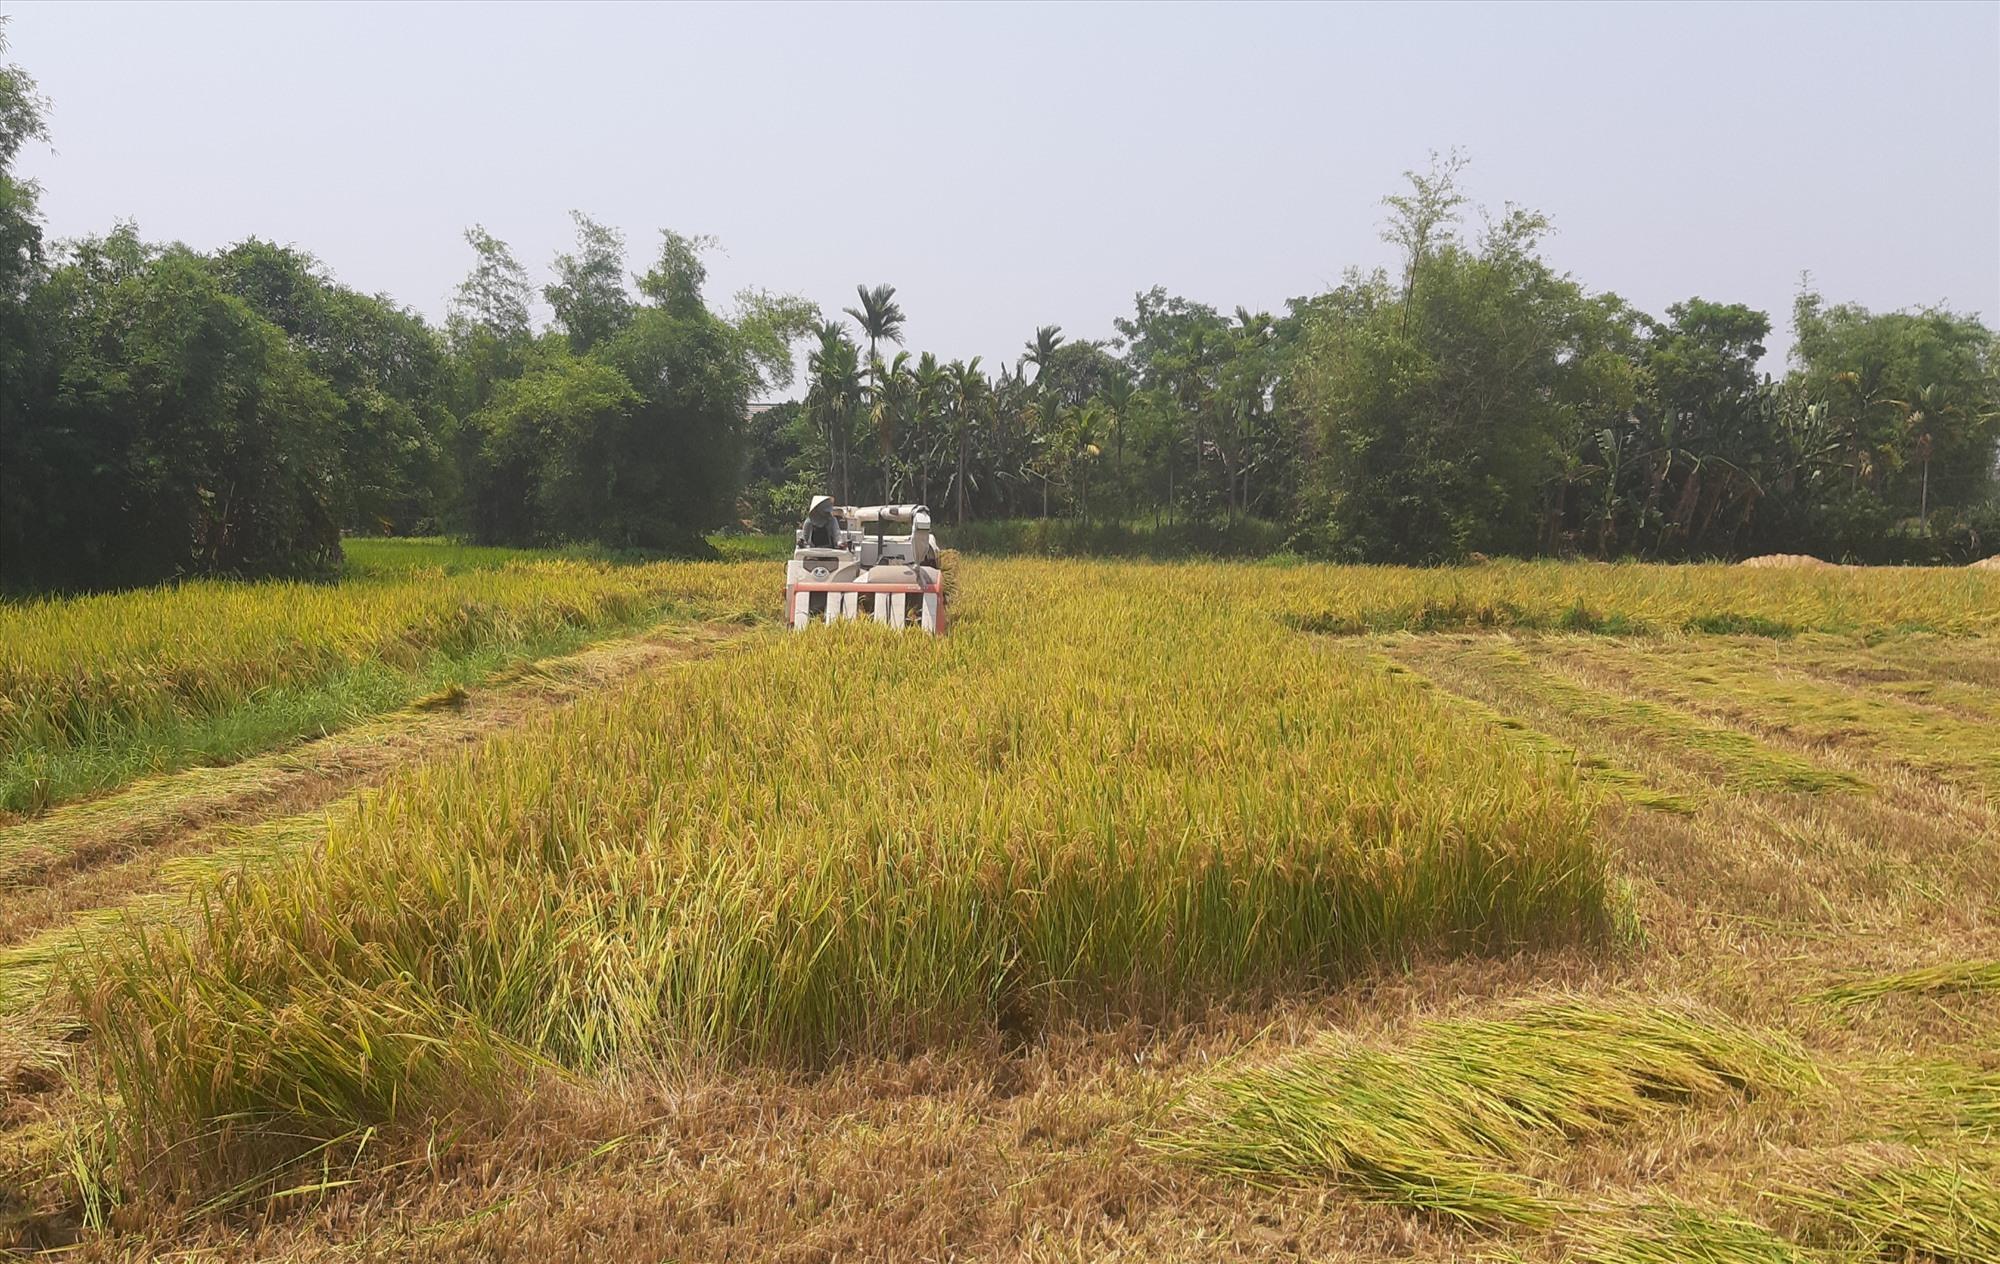 Nông dân các địa phương thuộc khu vực đồng bằng khẩn trương thu hoạch những ruộng lúa đã chín ở vùng trũng thấp nhằm hạn chế thiệt hại do mưa bão gây ra.  Ảnh: T.S